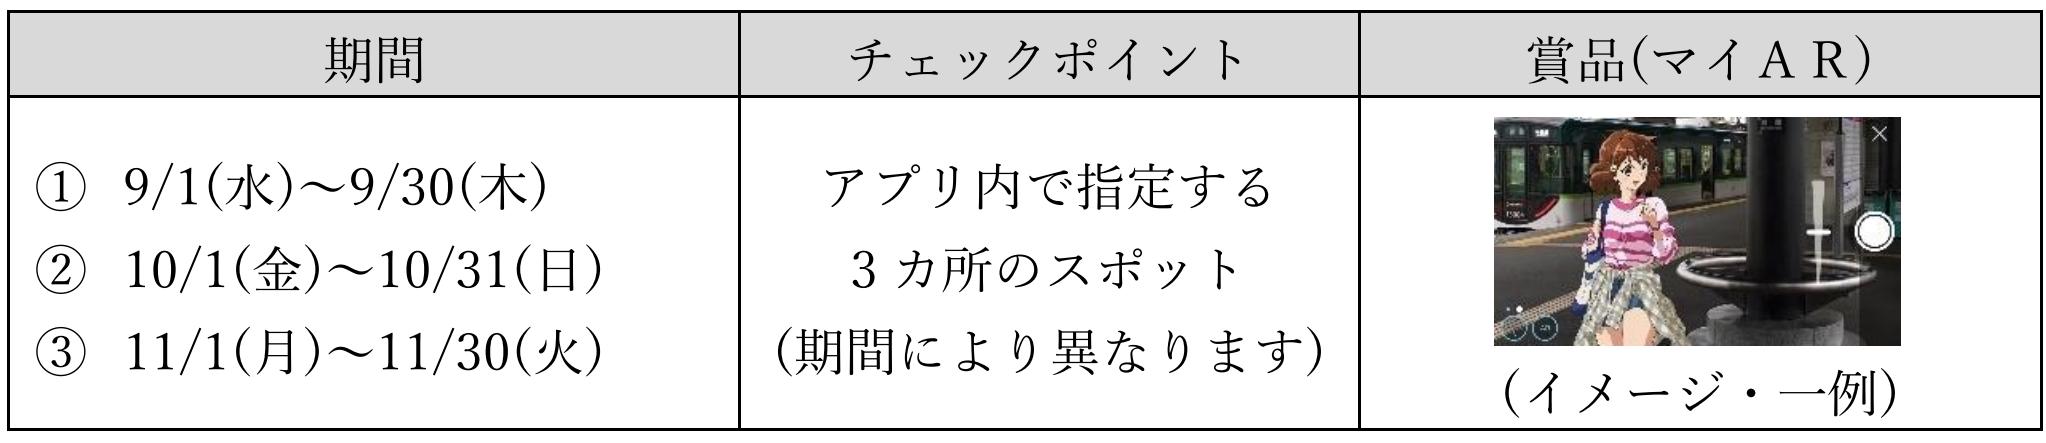 2.「舞台めぐり」デジタルスタンプラリー